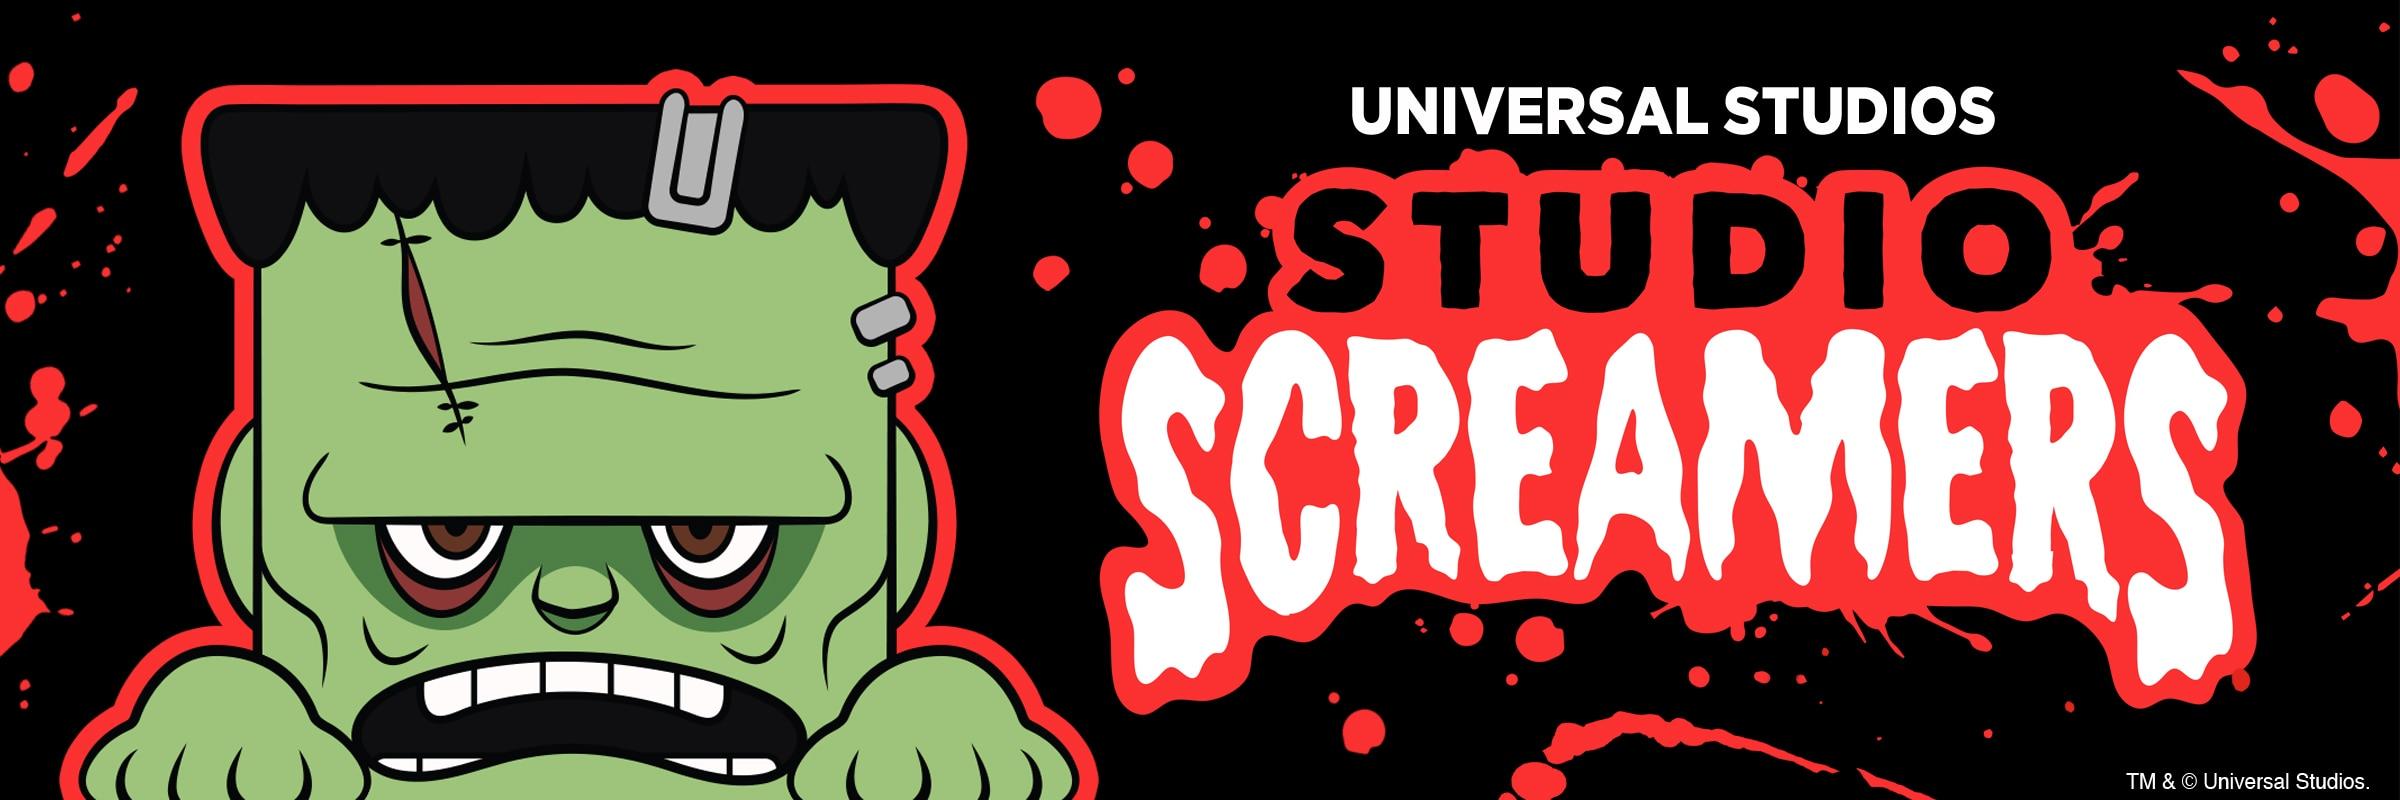 Halloween Horror Nights 2021 Studio Screamers Merchandise